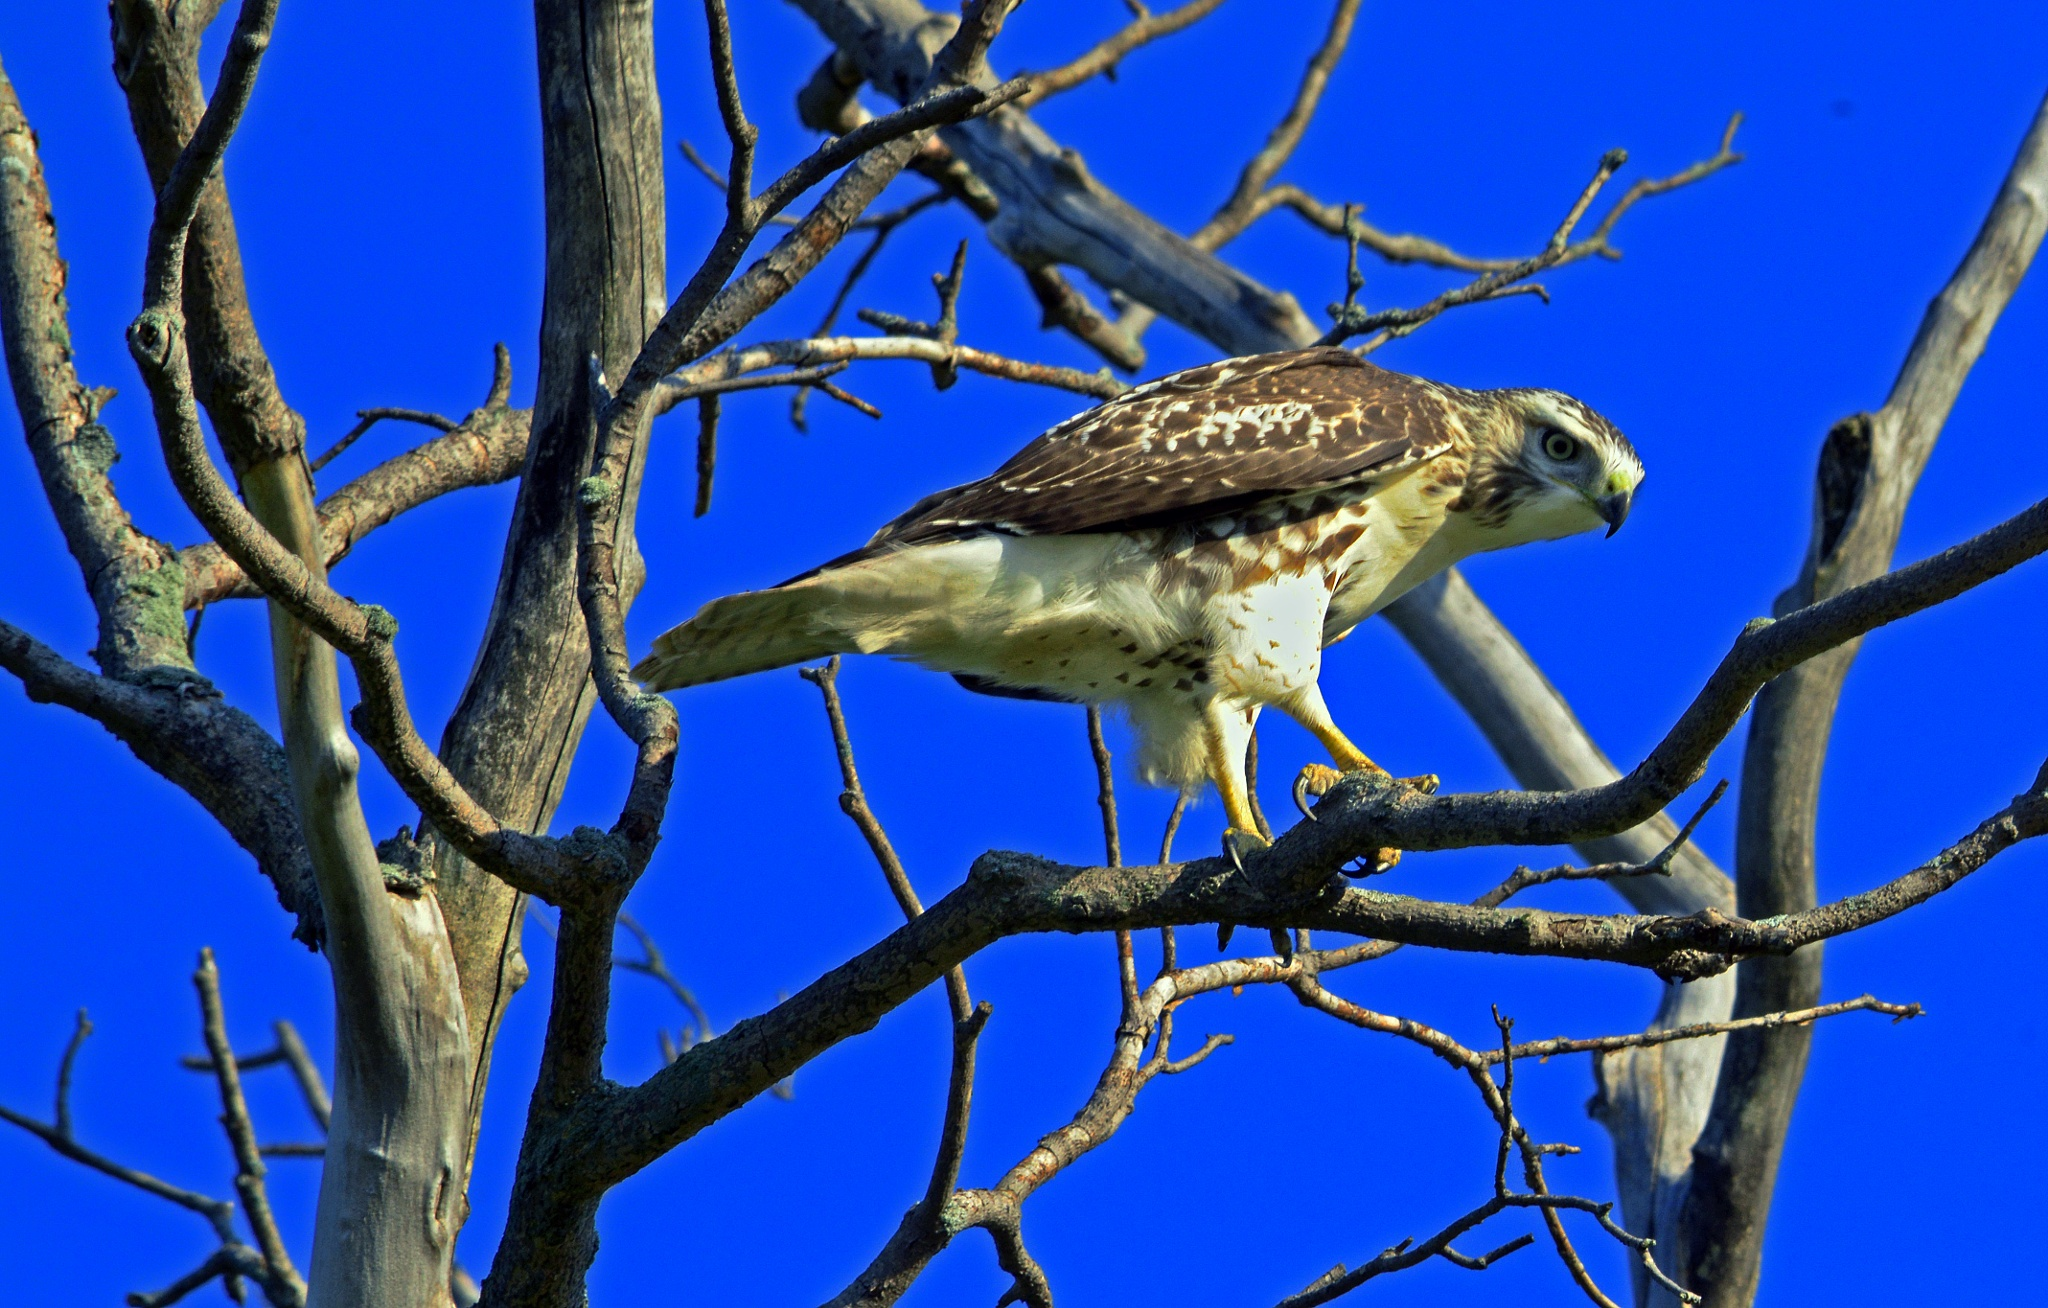 Juvenile Hawk by William C. Burton